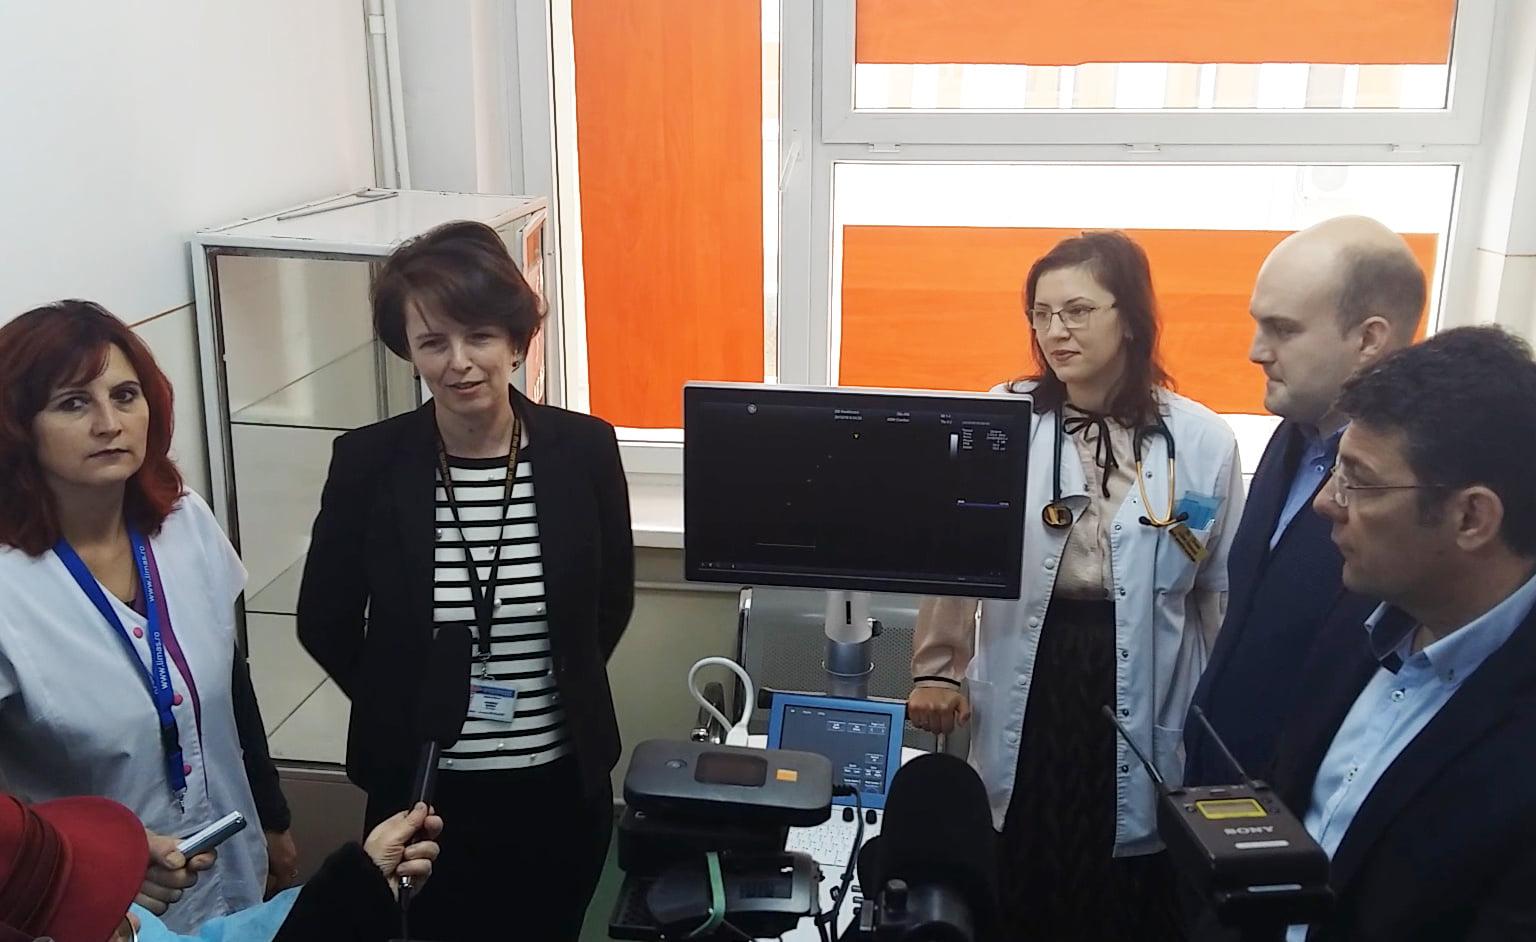 Donație de aparatură din partea firmei Marcel pentru Spitalul Roman